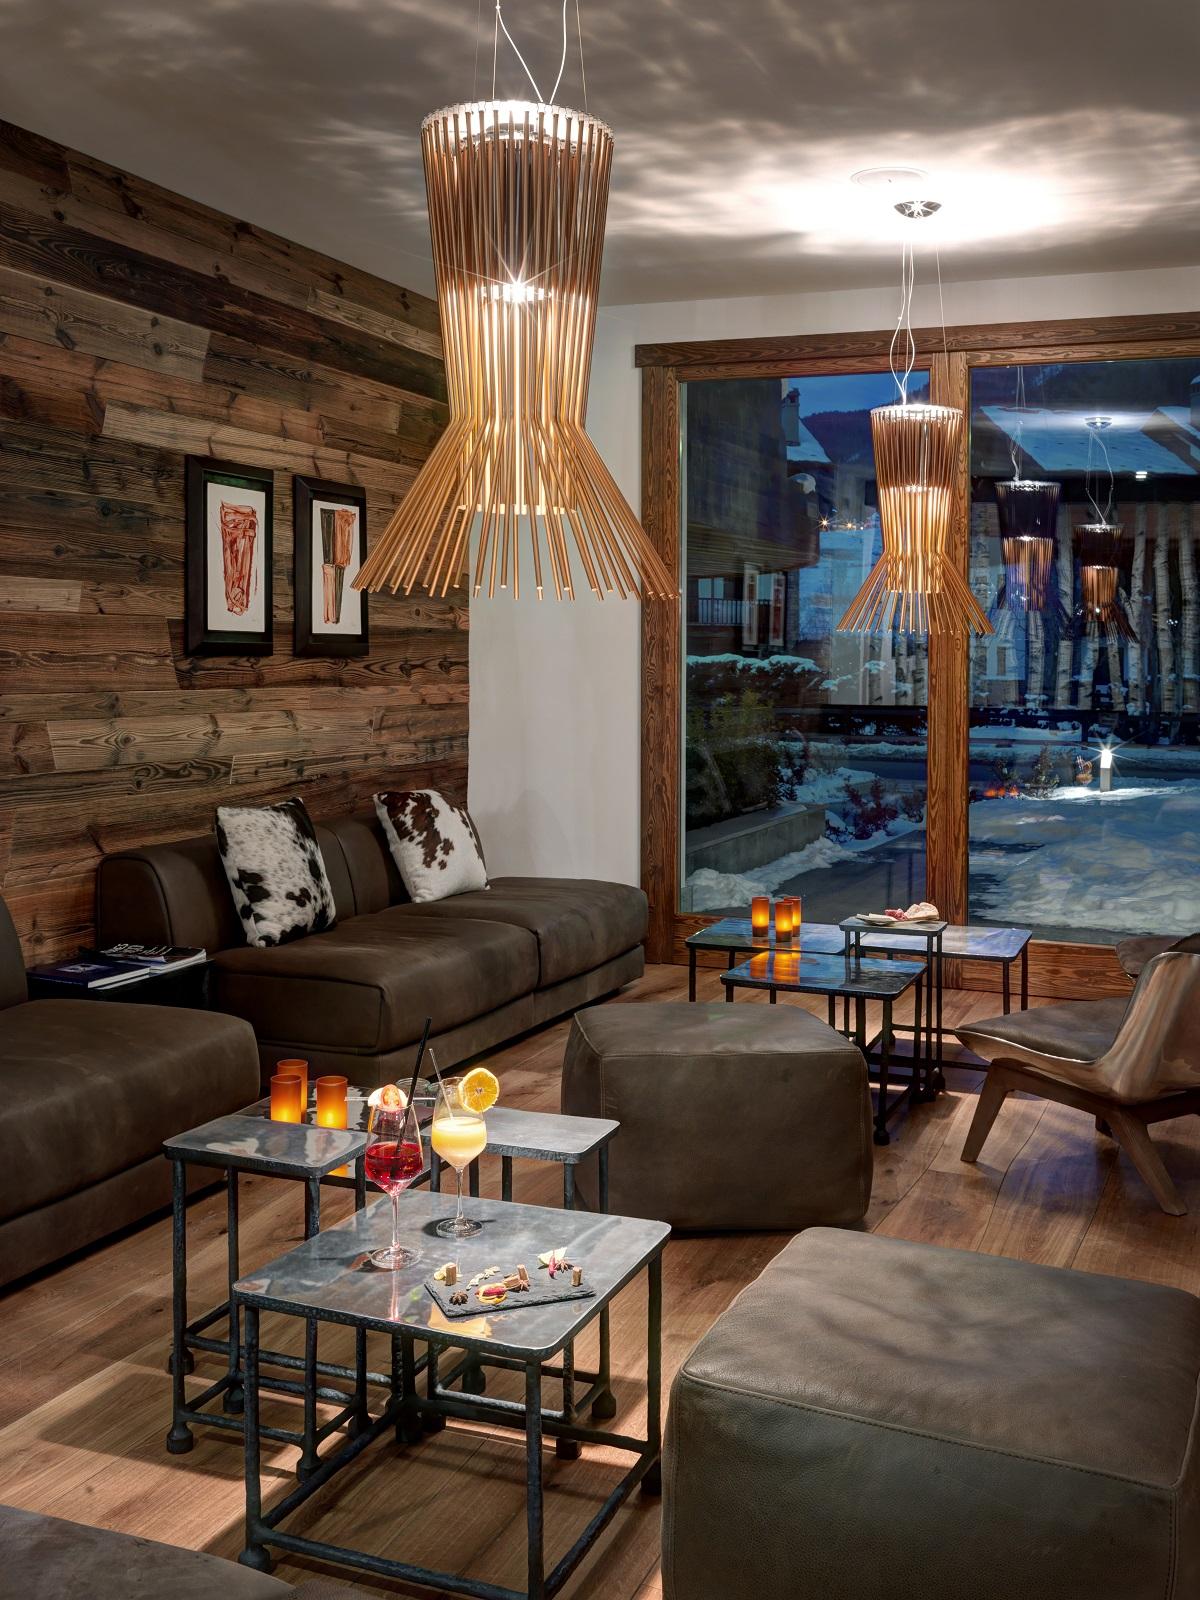 hotel_nira_montana_interiors_1.jpg